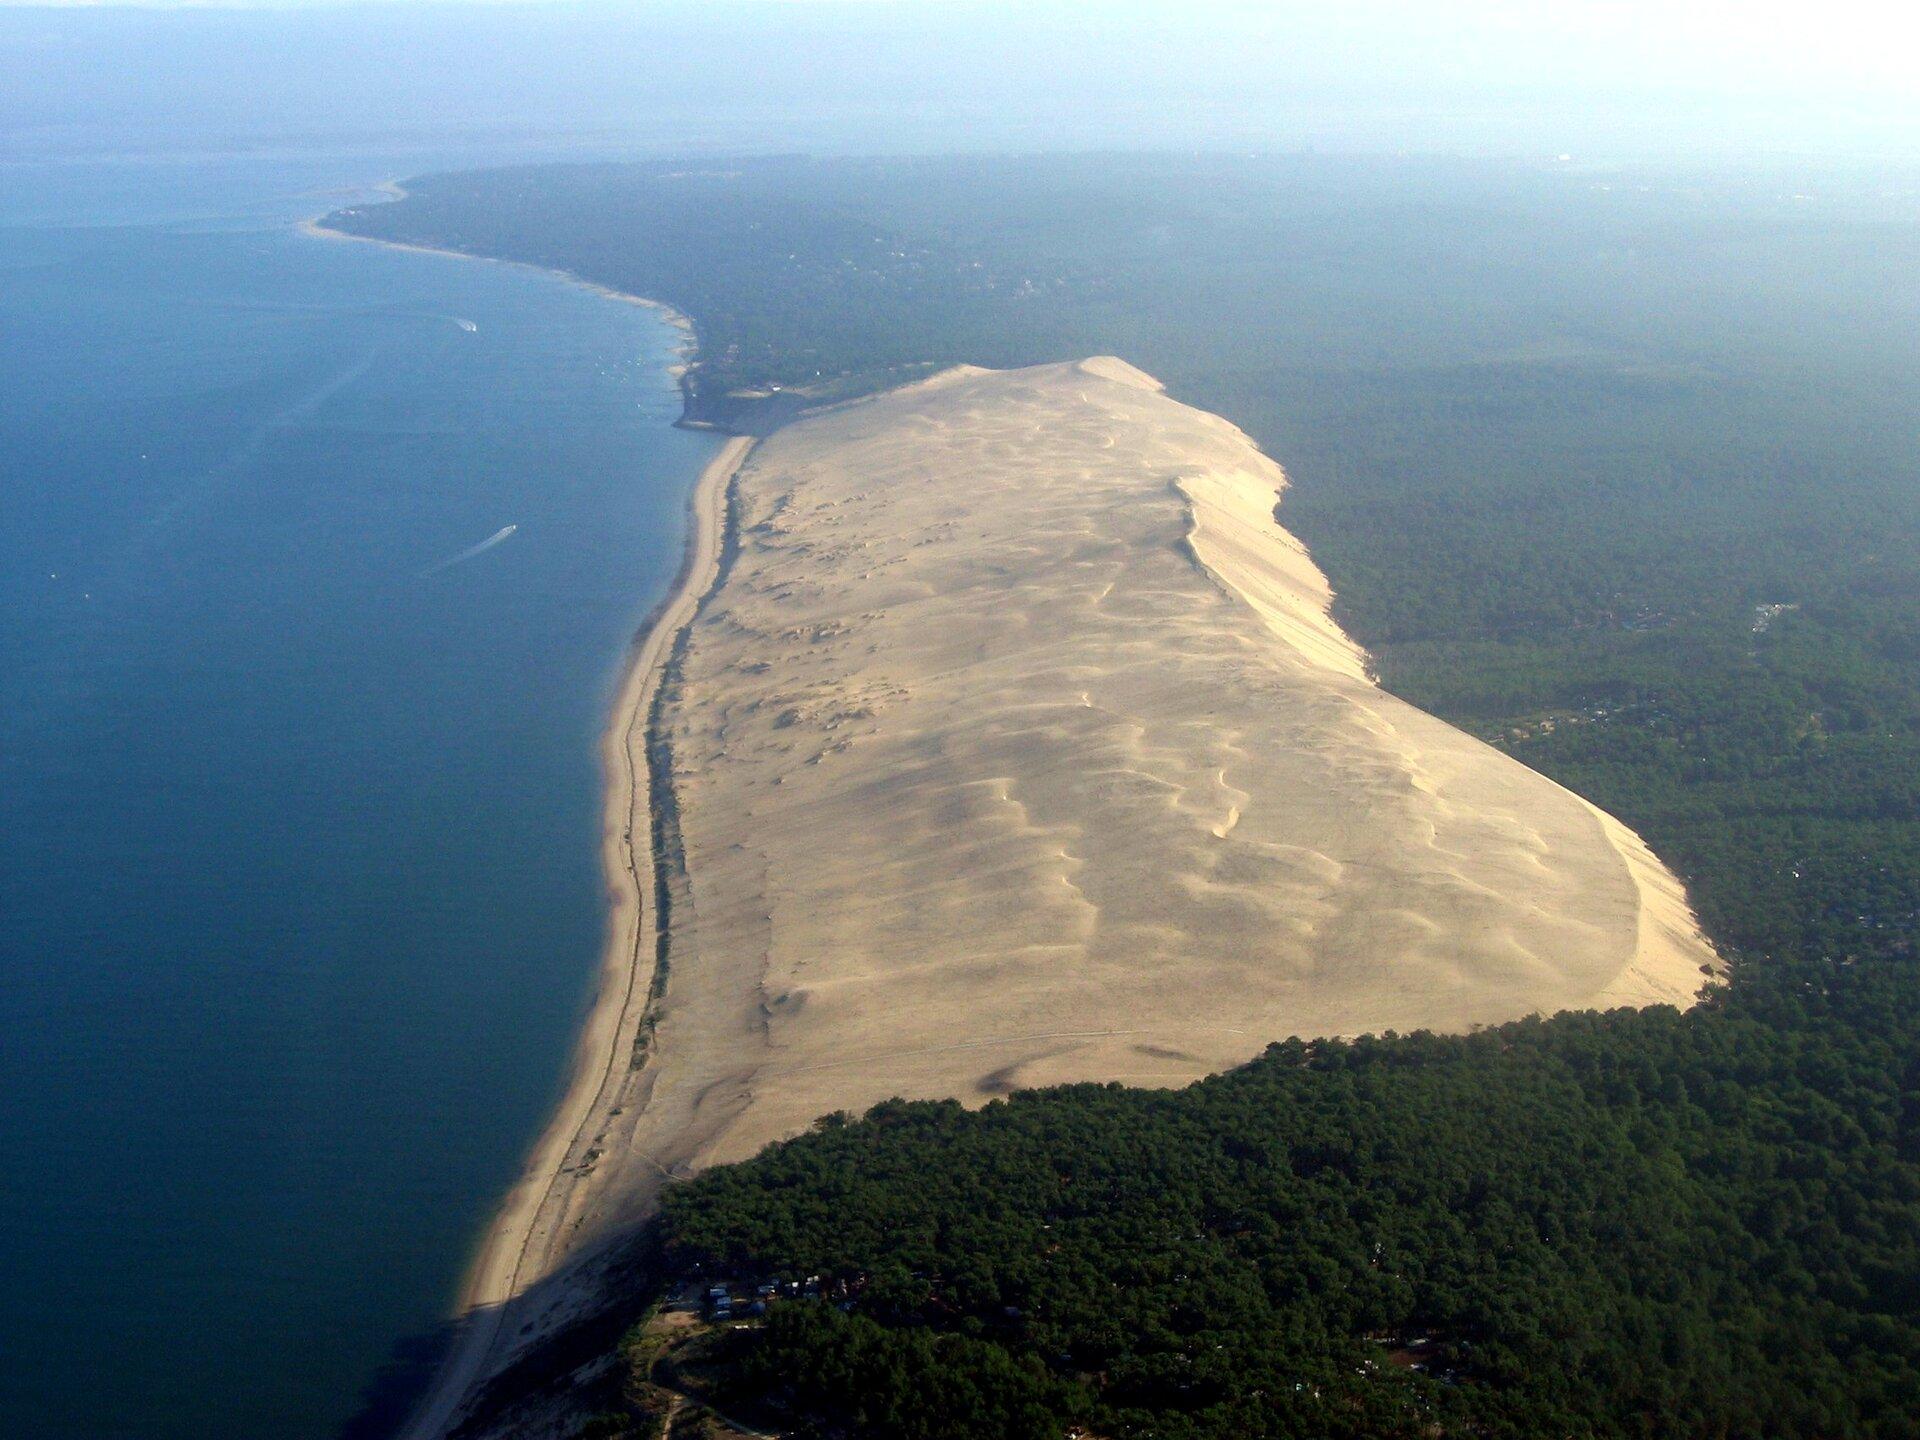 Na zdjęciu wydma paraboliczna na brzegu morza. Morze zlewej strony. Zprawej strony olbrzymie połacie lasu.